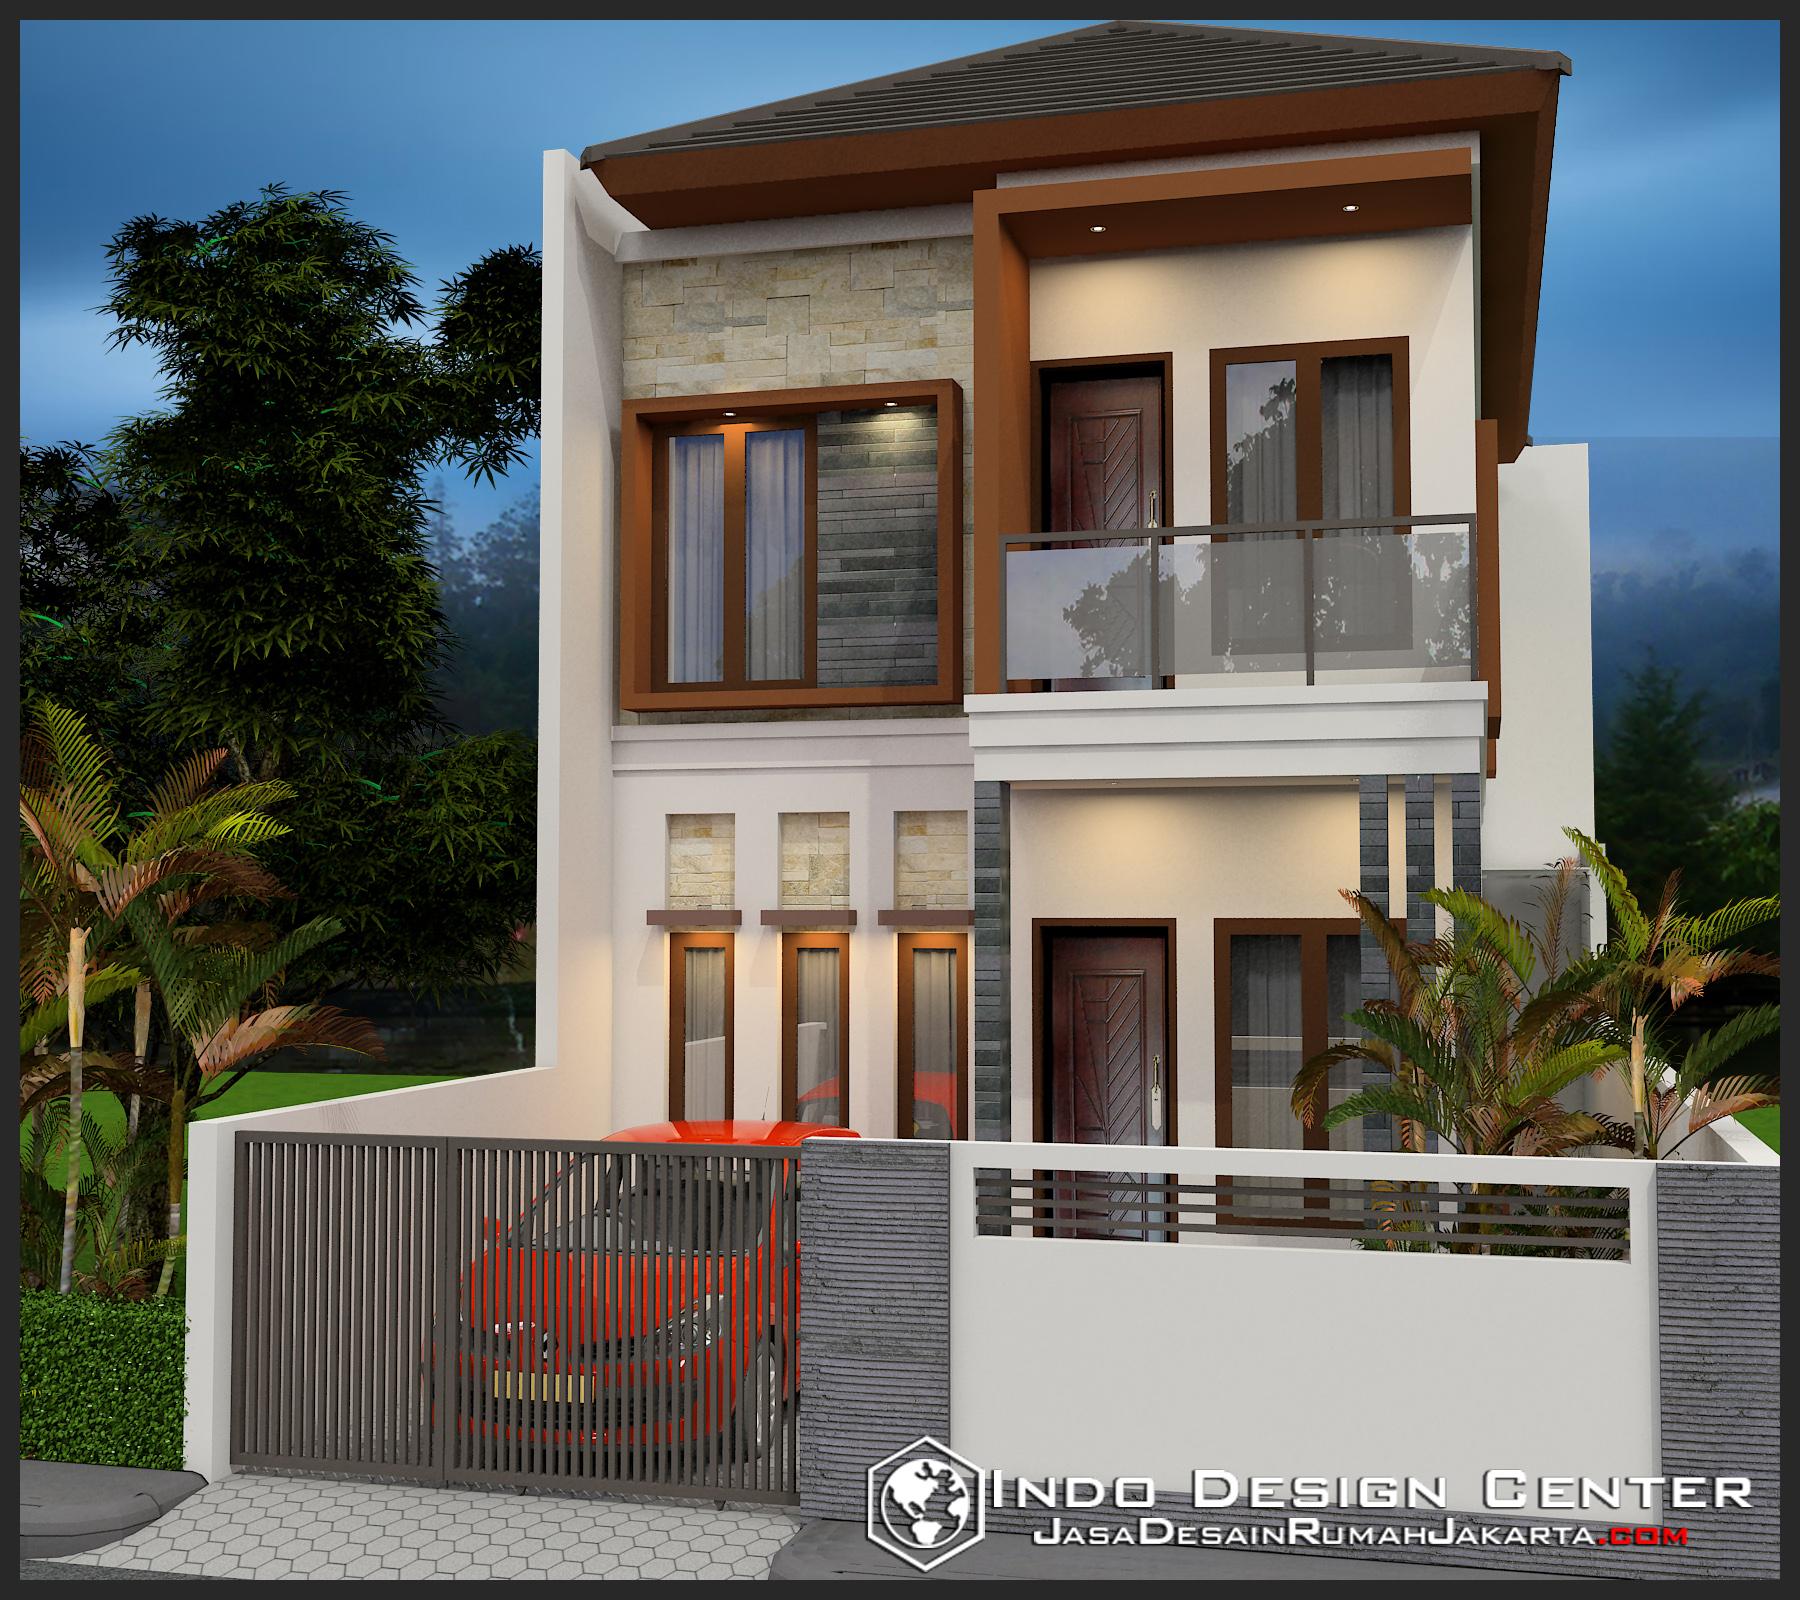 Gambar Rumah Minimalis Ibu Nina Jasa Desain Rumah Jakarta